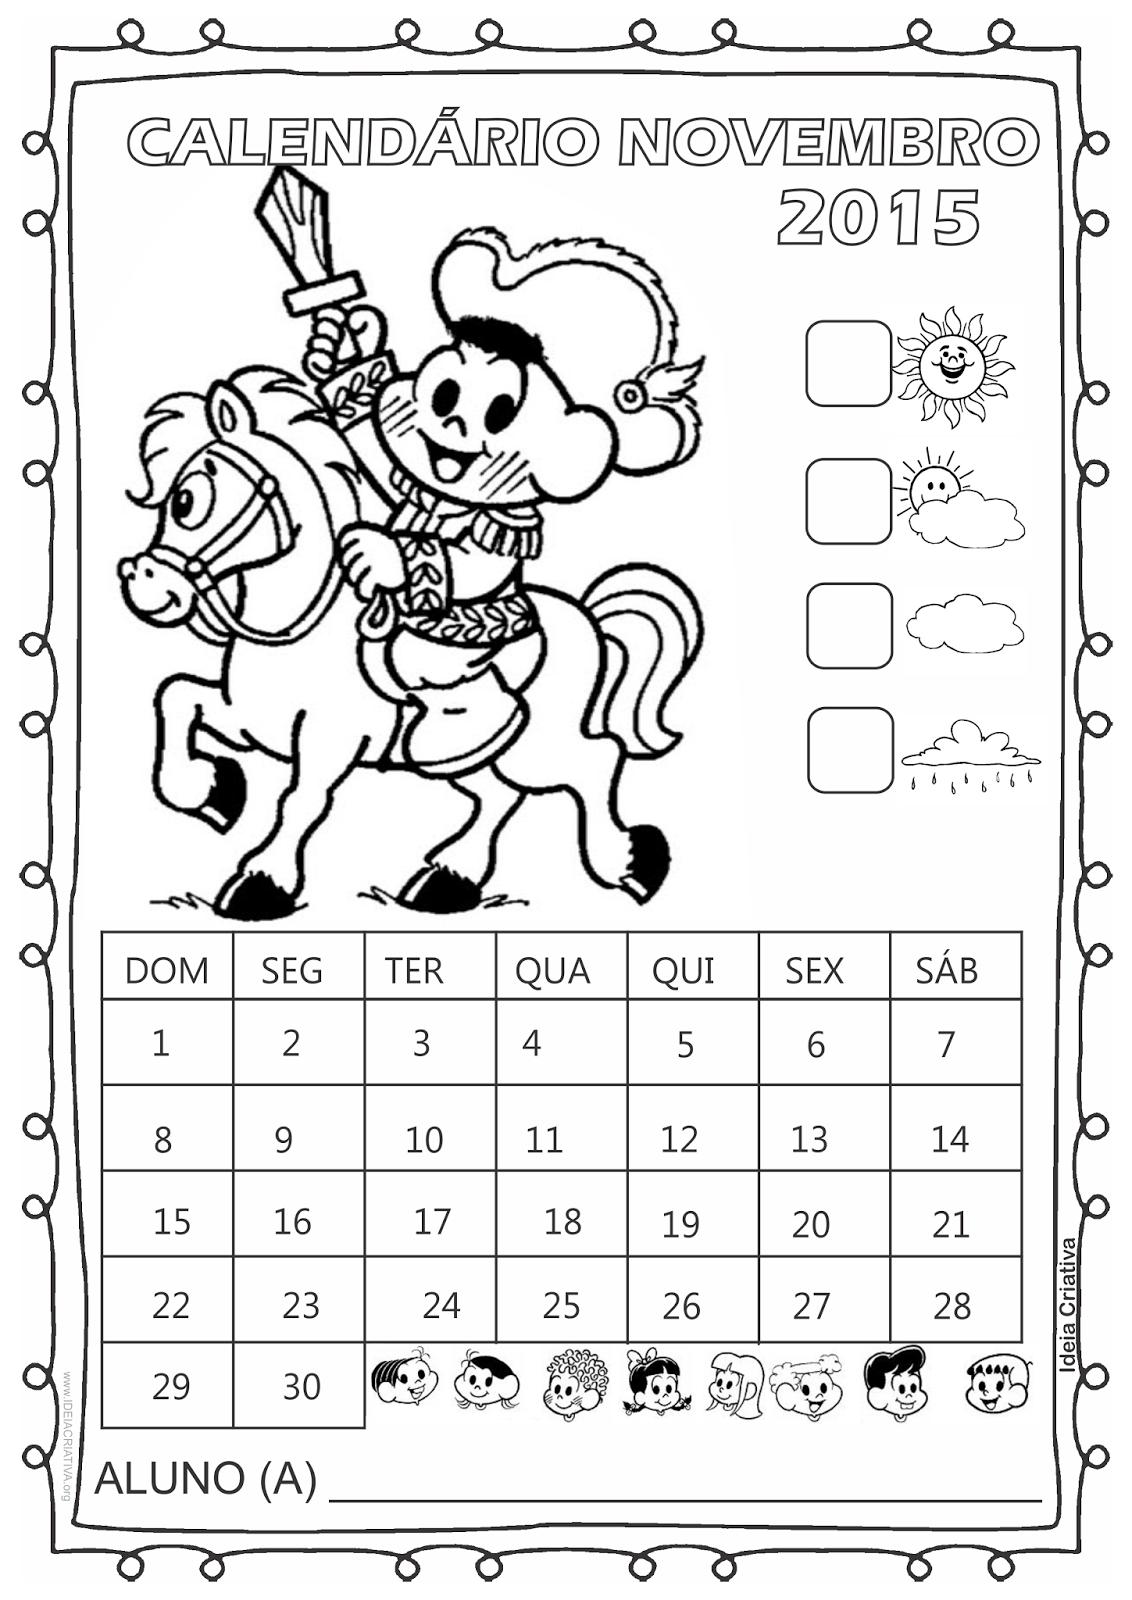 Calendário Turma da Mônica 2015 para Imprimir Grátis Novembro